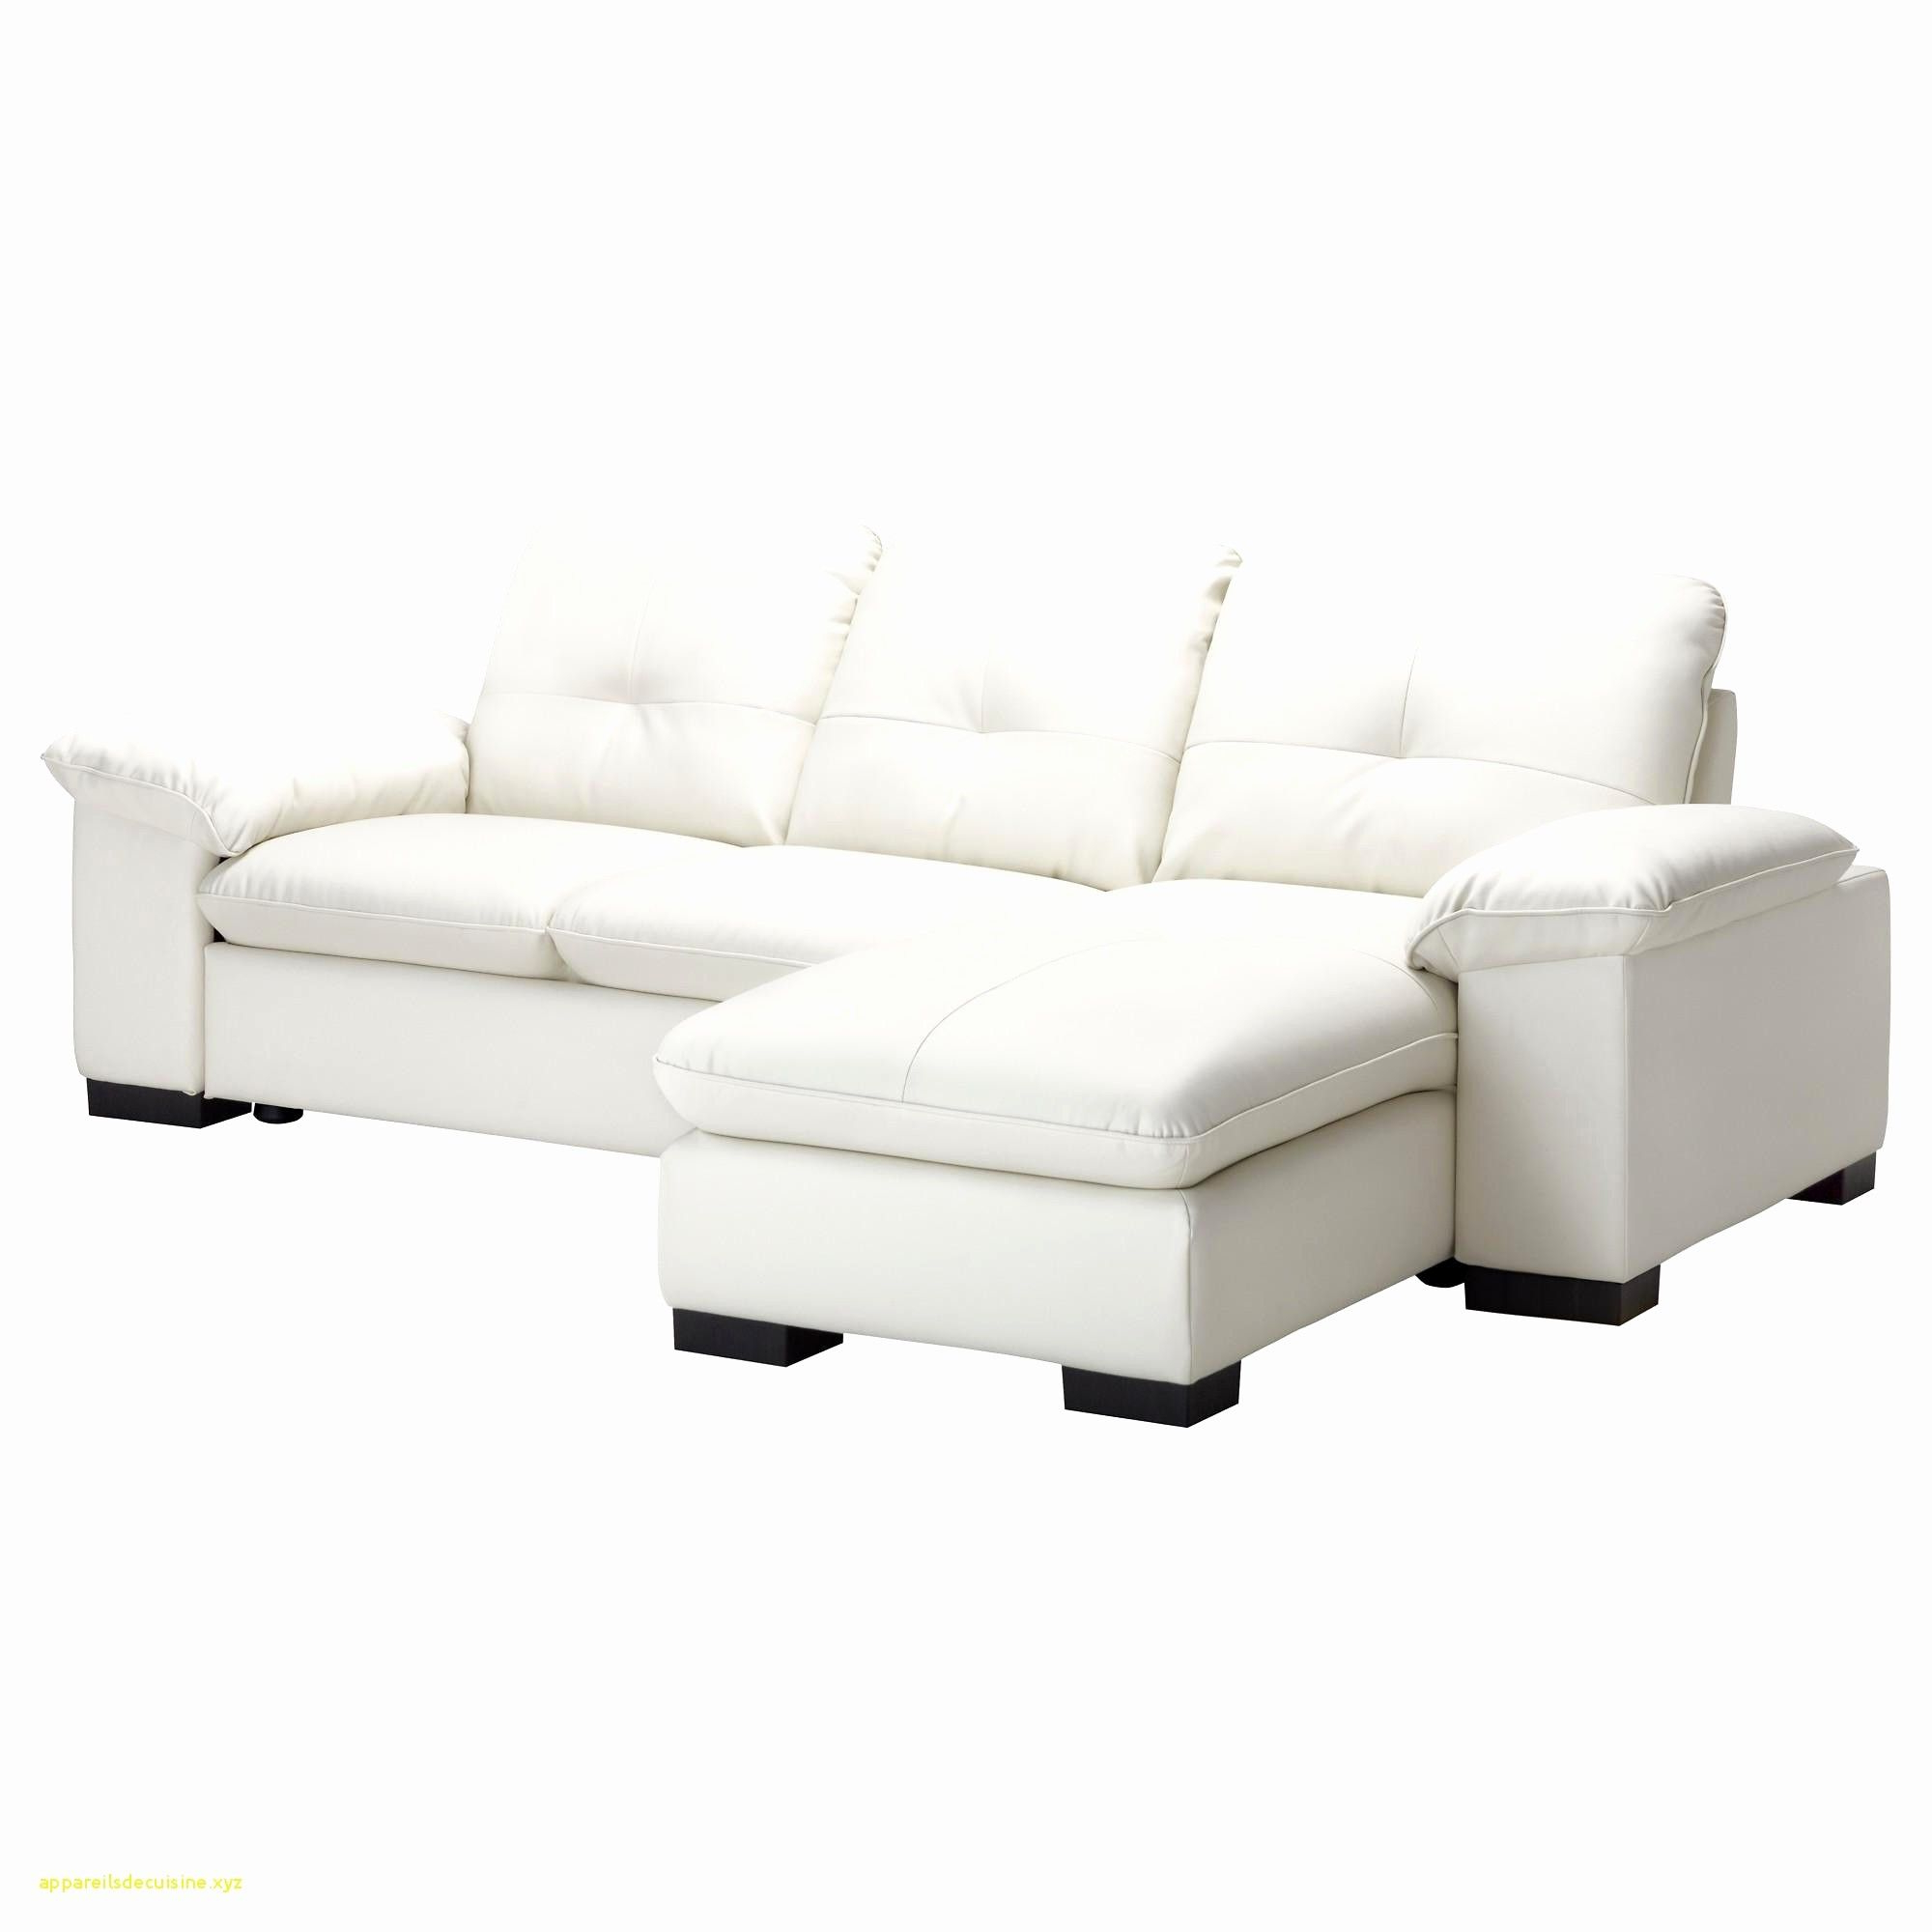 Sofas Cheslong Conforama E6d5 sofas Cheslong Conforama Hermoso Imagenes Chaise Sleeper sofa Beau